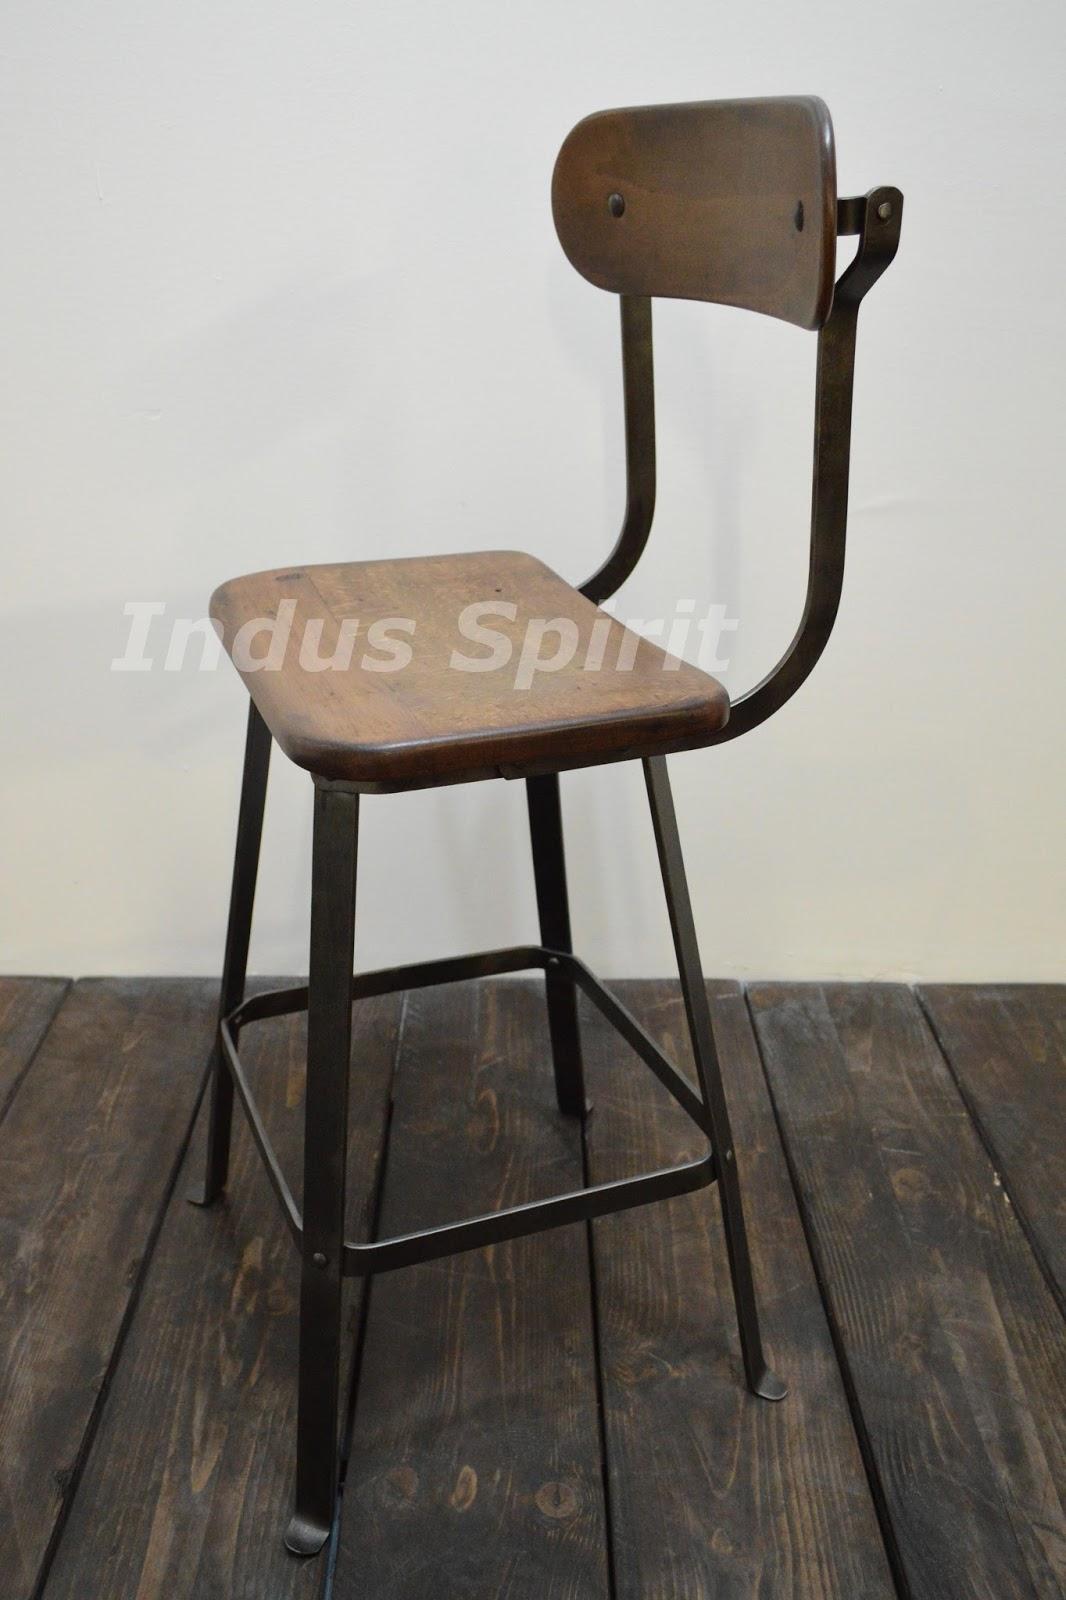 chaise d 39 atelier bienaise. Black Bedroom Furniture Sets. Home Design Ideas